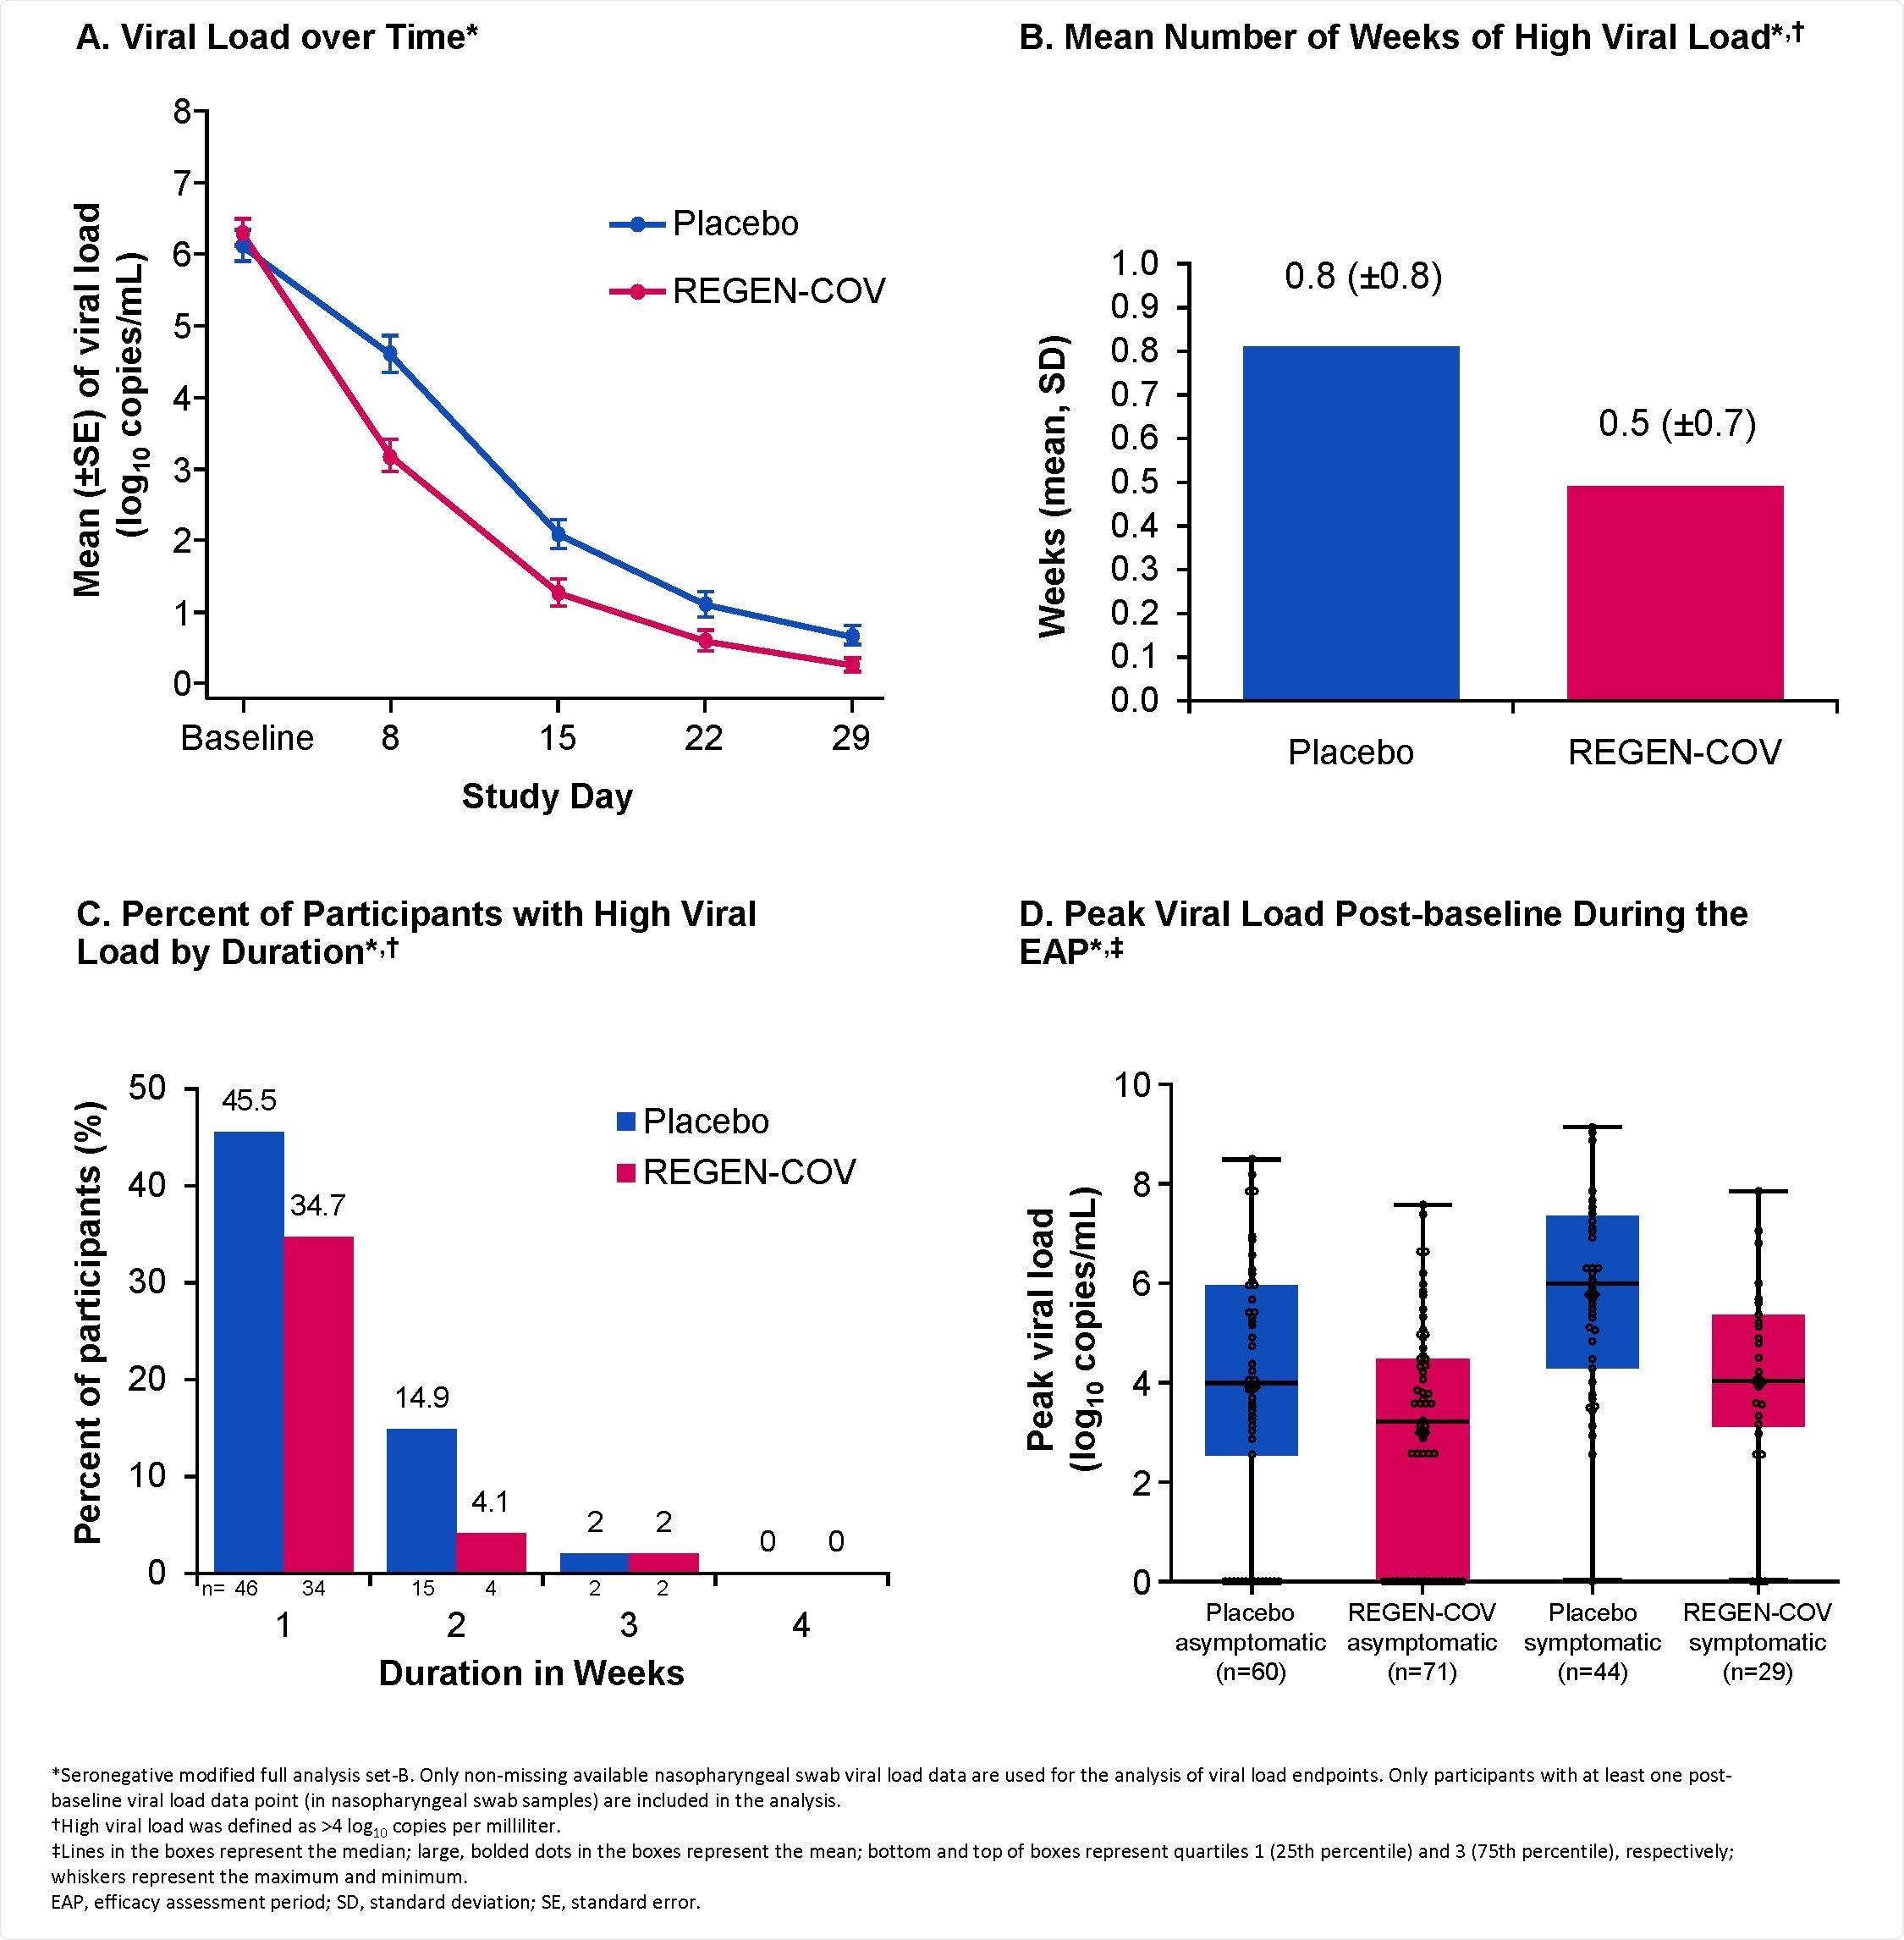 Riduzione del caricamento virale con REGEN-COV. A. Caricamento virale col passare del tempo * B. Mean Number delle settimane di alto Load* virale, † C. la Percent dei partecipanti con l